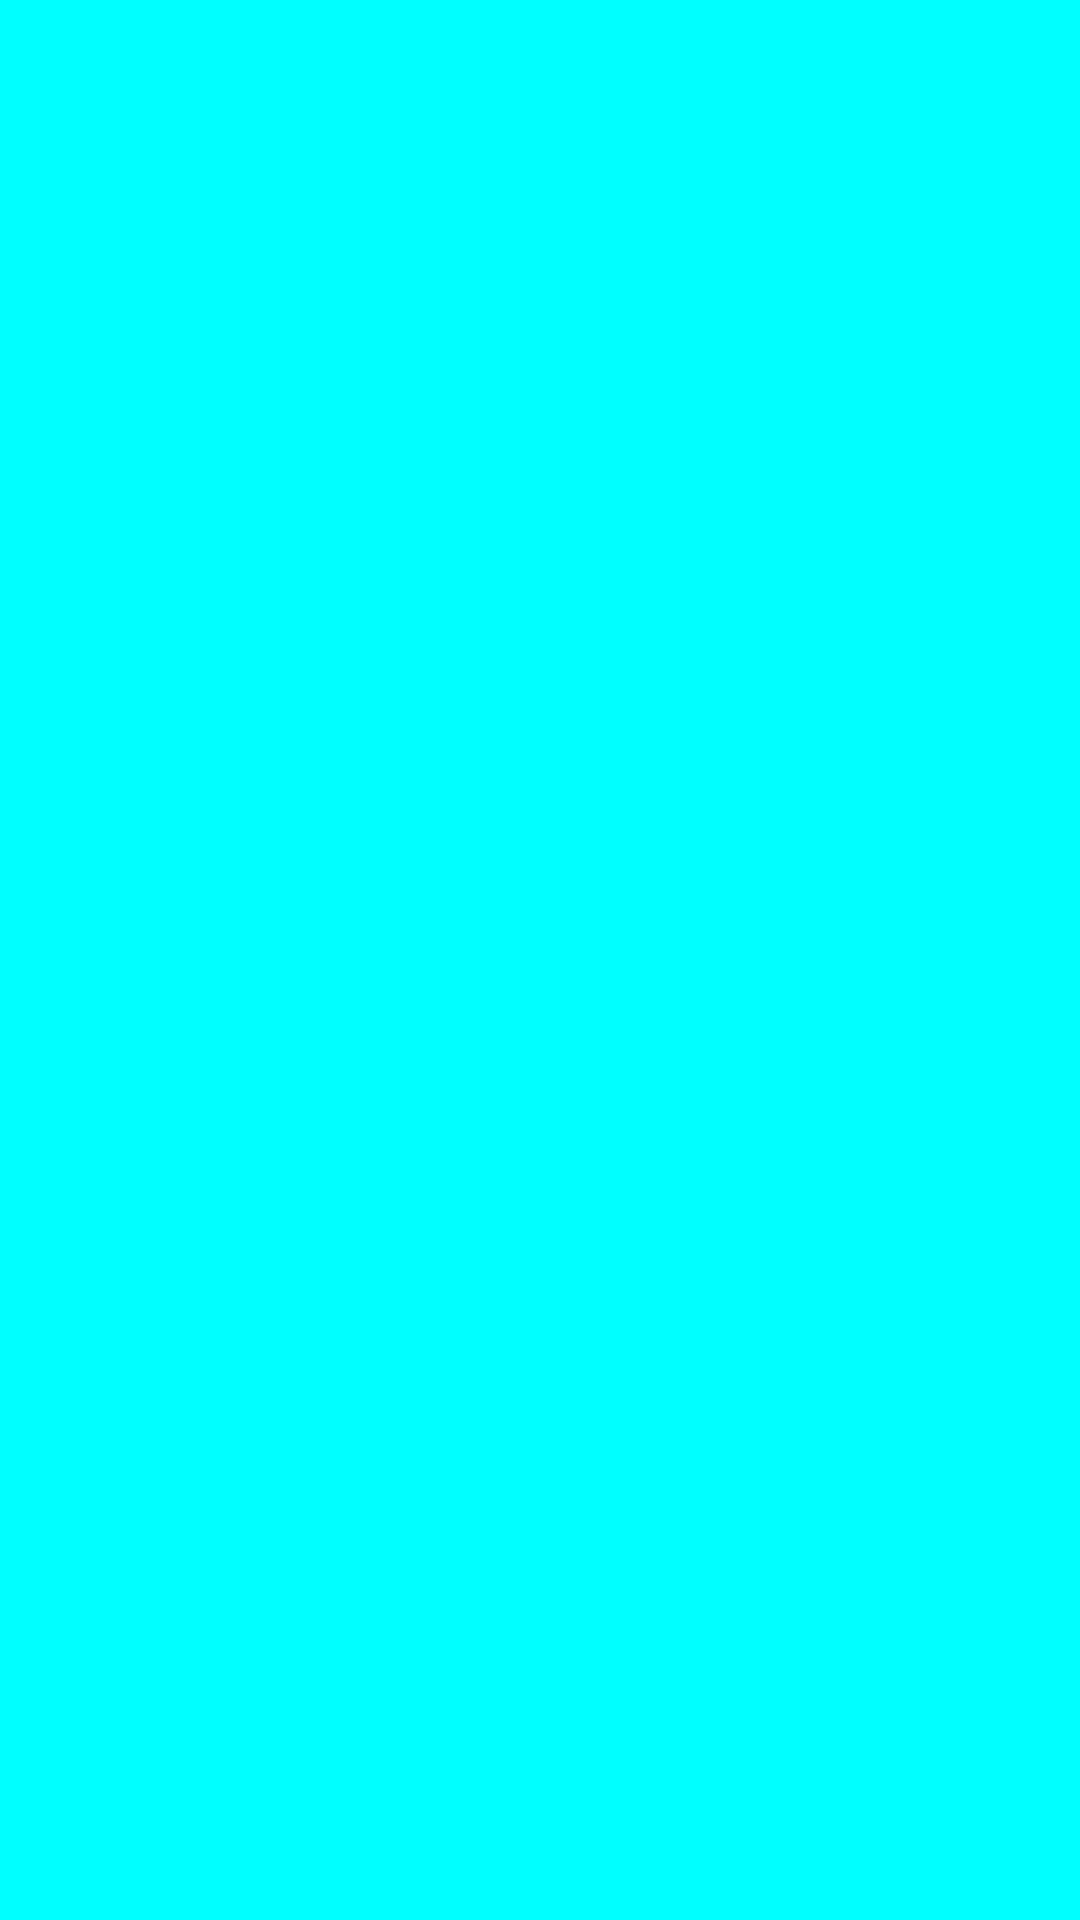 1080x1920 Aqua Solid Color Background